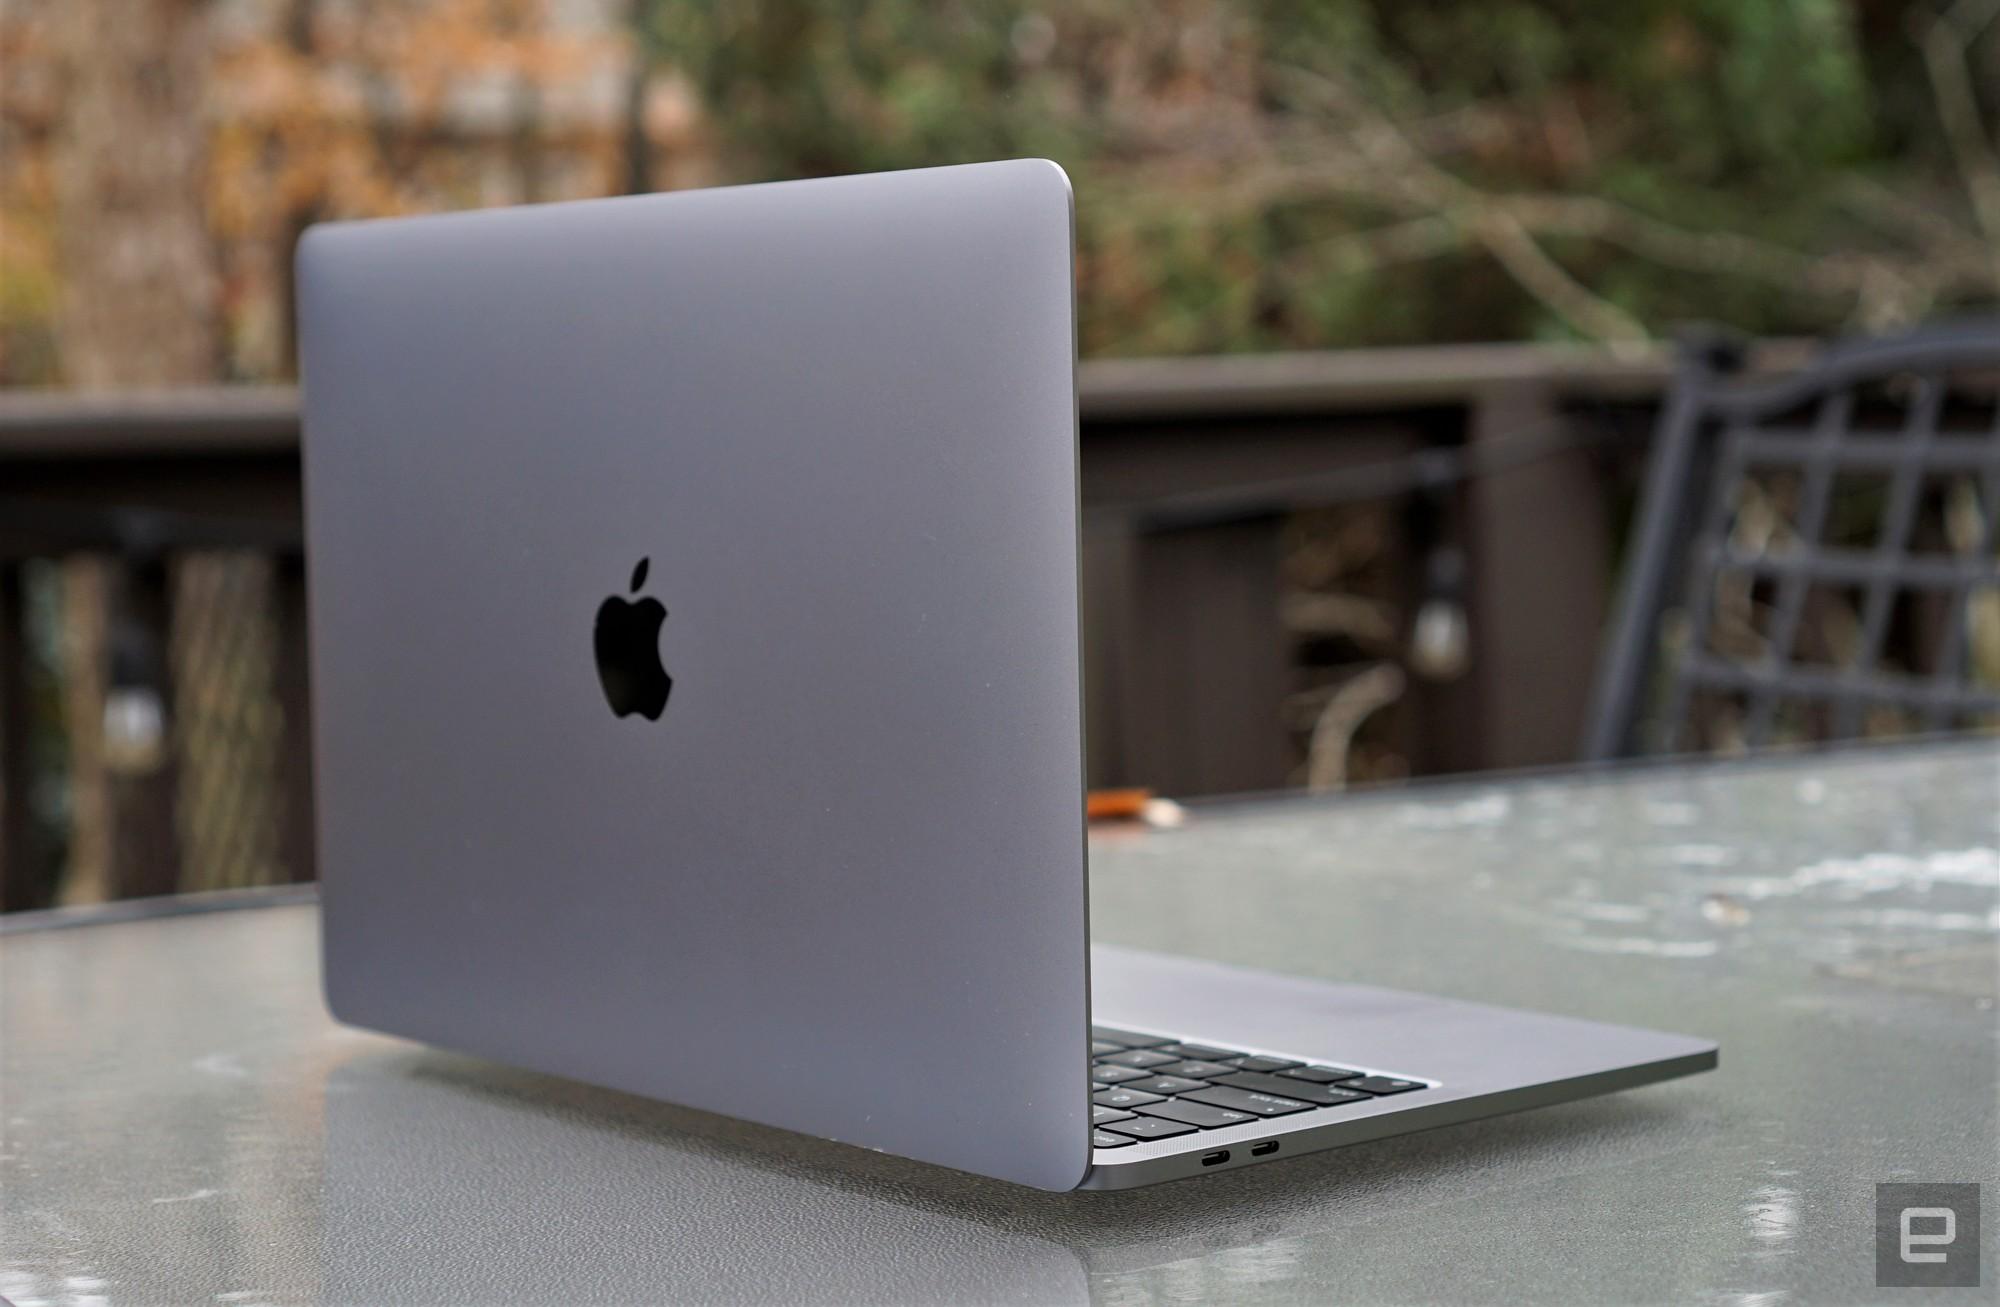 Apple'ın MacBook Pro M1'i şu anda Amazon'da 200 $ indirimde | Engadget